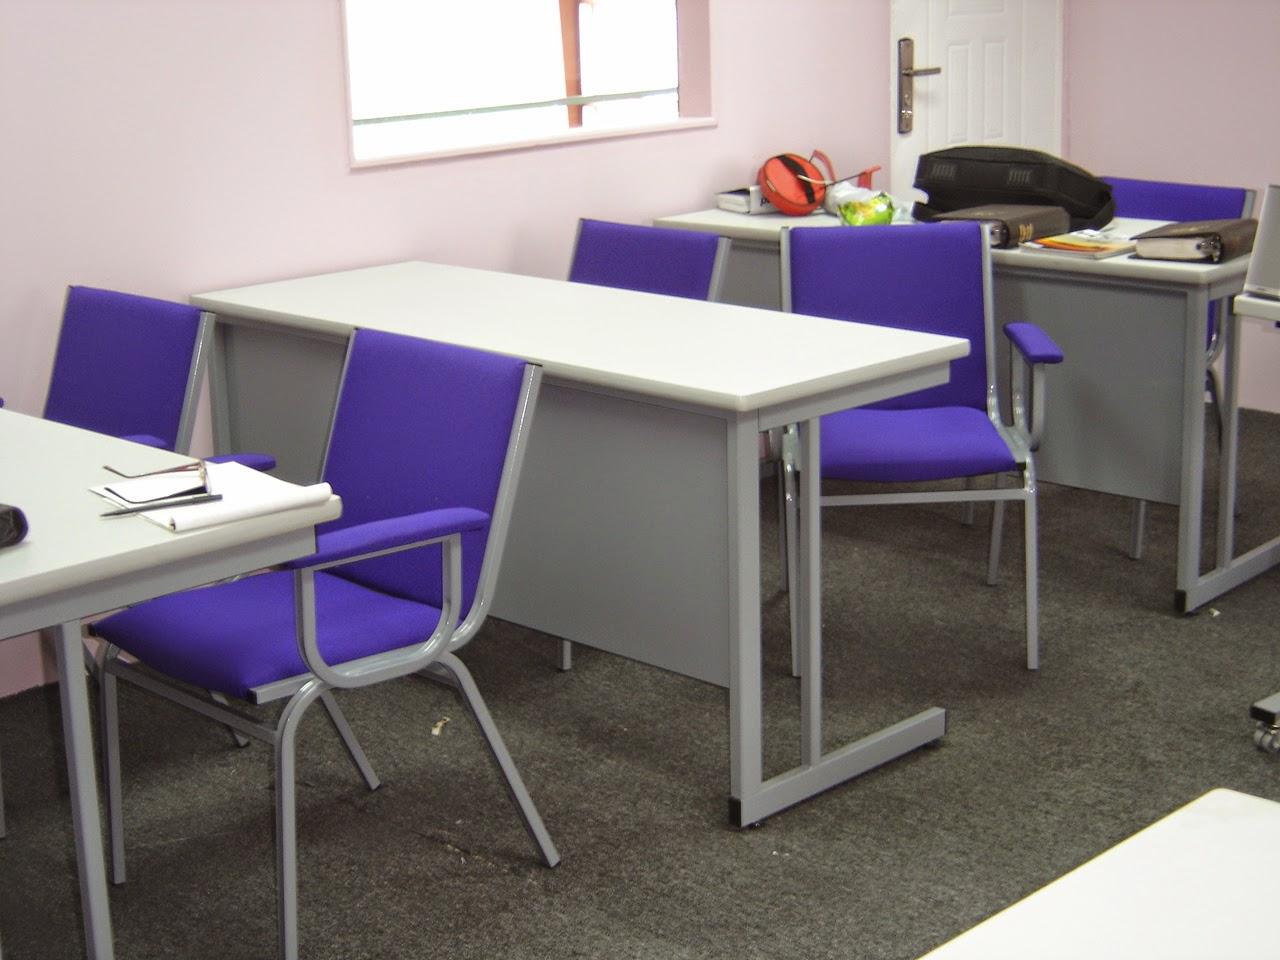 afford office line limited school furniture. Black Bedroom Furniture Sets. Home Design Ideas